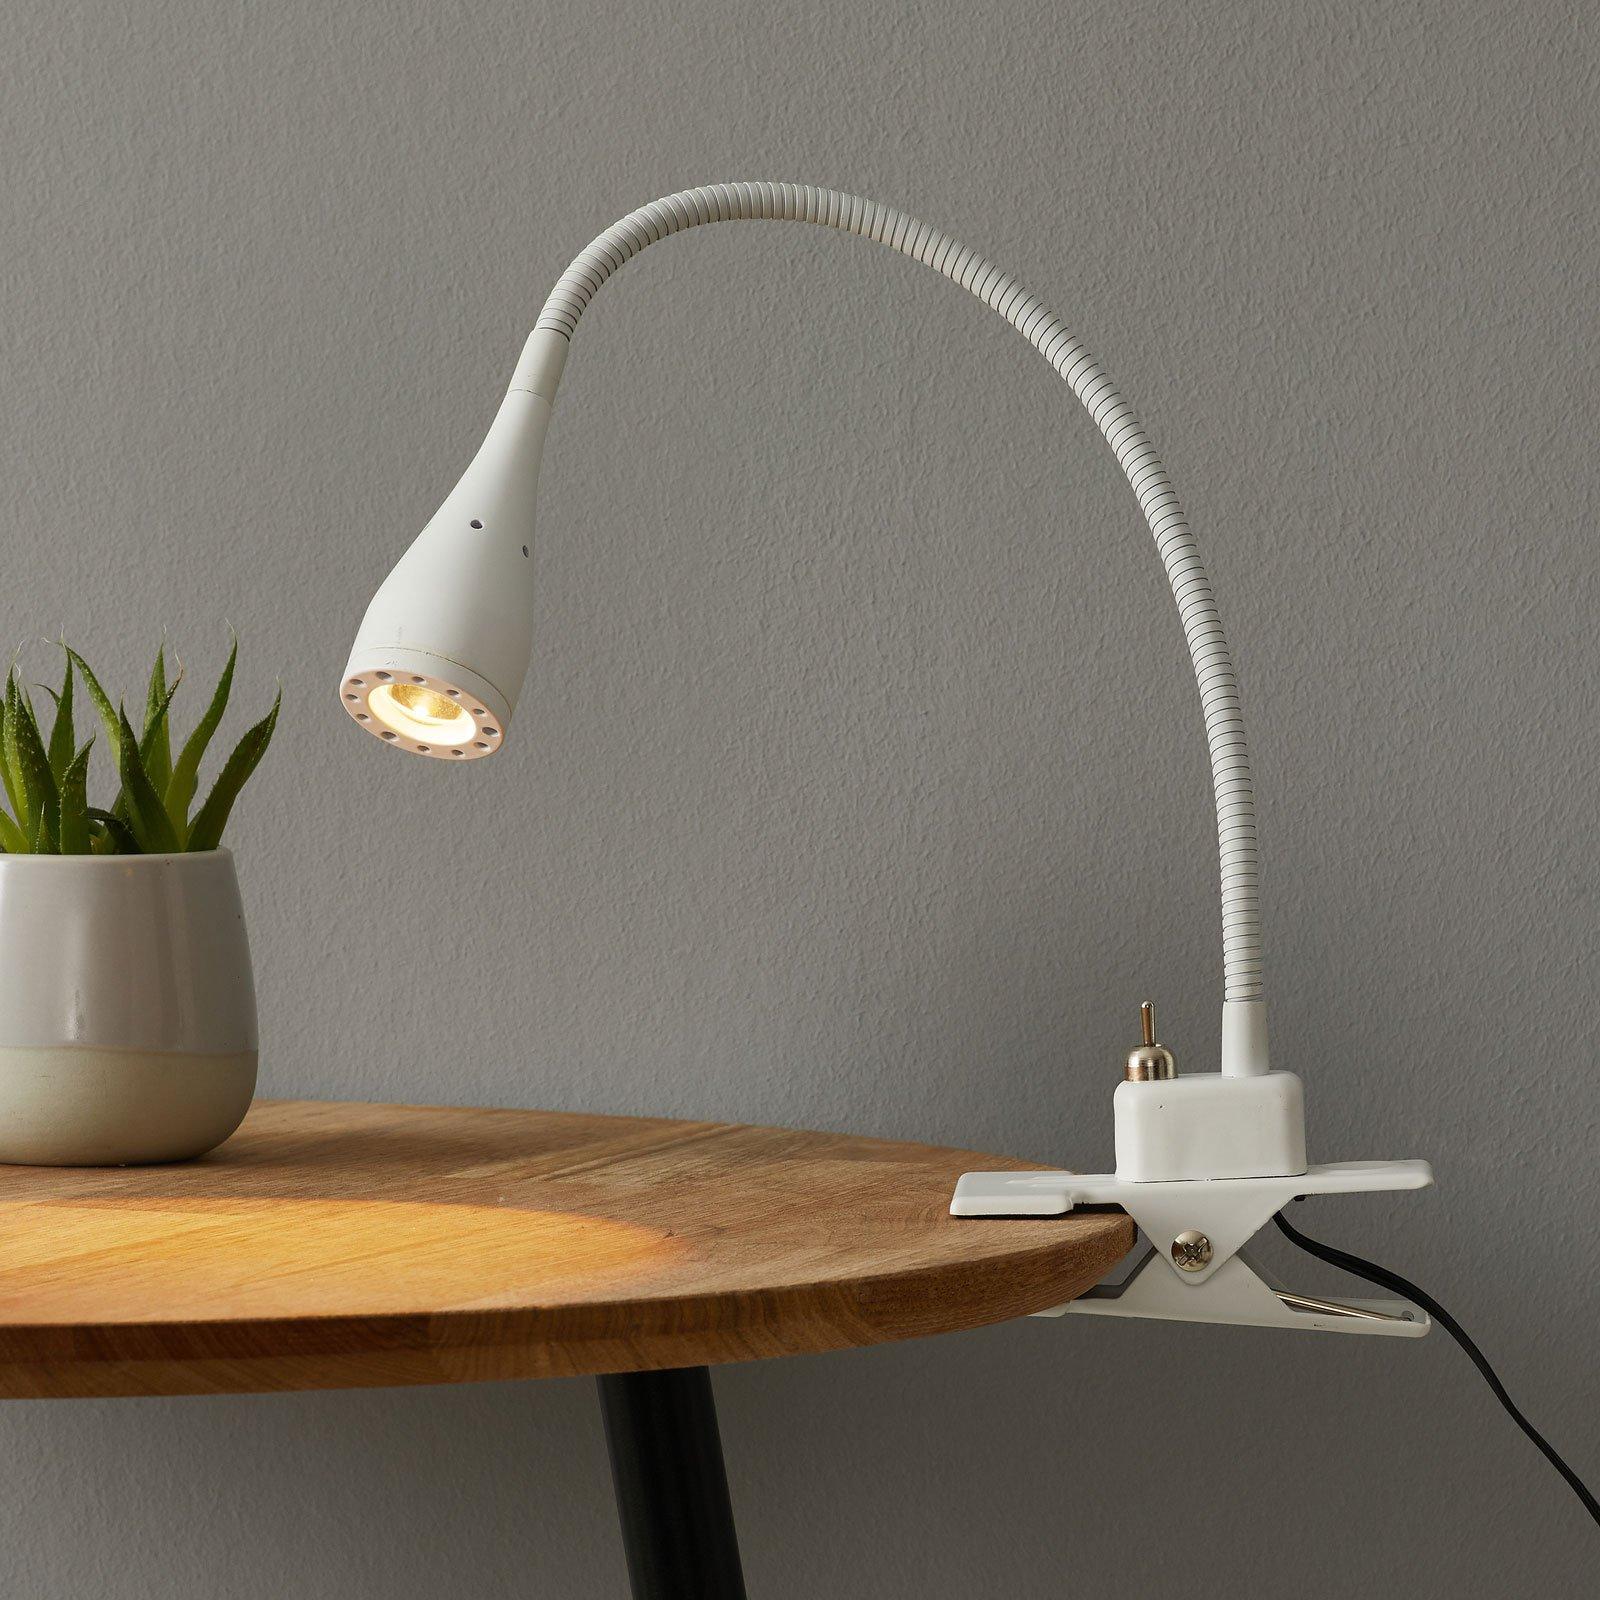 Fleksibel Mento LED-lampe i hvitt med klemme